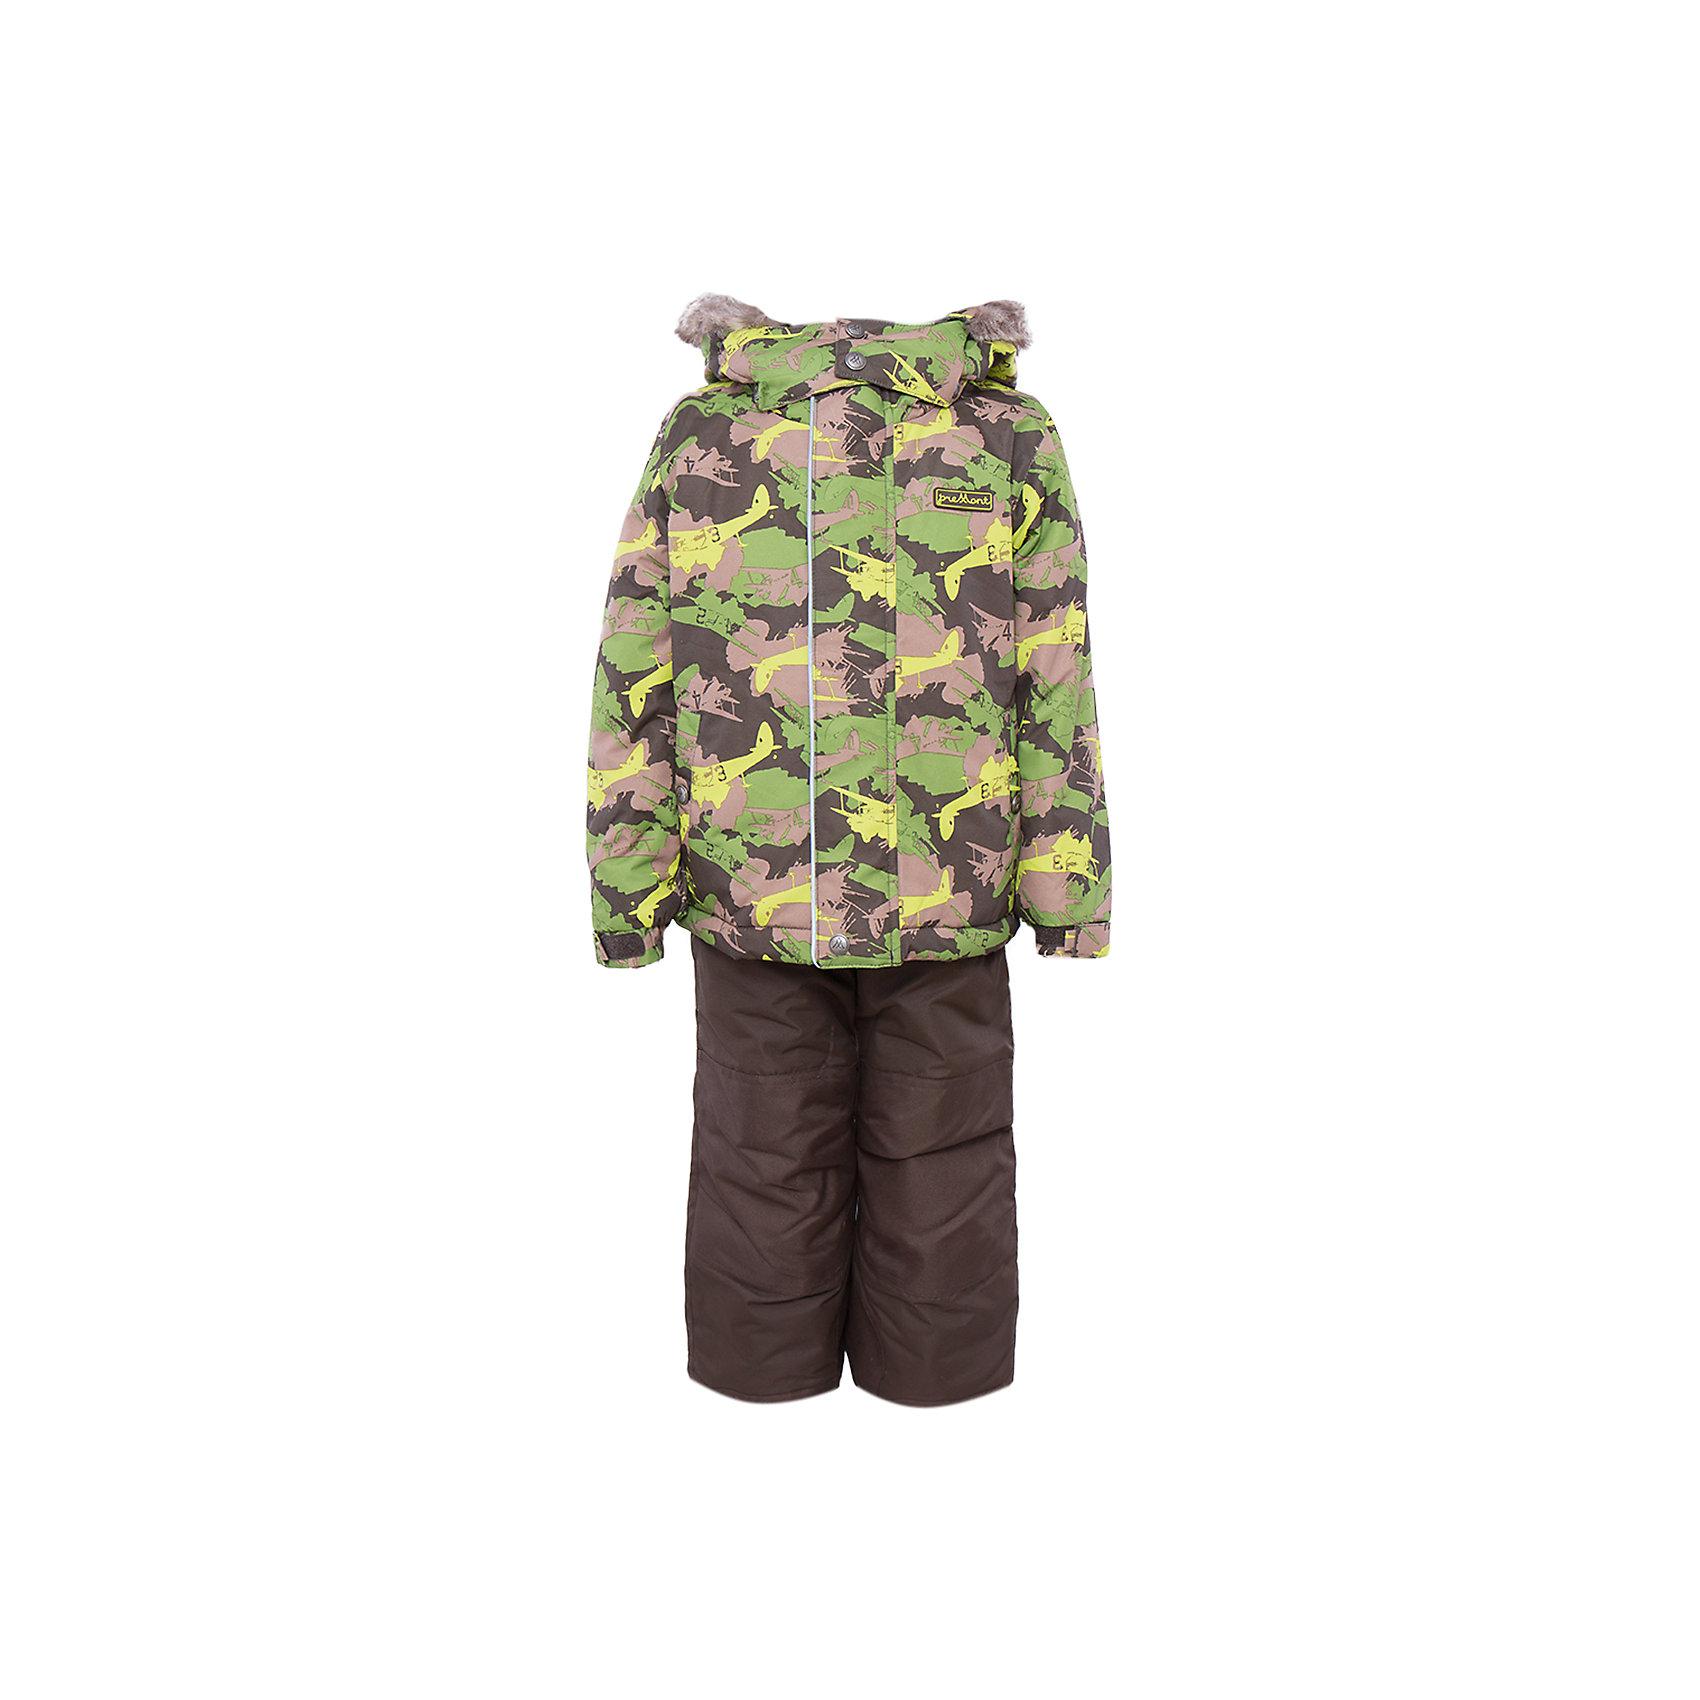 Комплект: куртка и брюки для мальчика PremontВерхняя одежда<br>Комплект: куртка и брюки для мальчика от известного бренда Premont.<br>Все мальчишки любят играть в войну, представлять себя на полях сражения, и дизайнеры компании Premont не могли не учесть этот психологический аспект. Принт «Легенда Гудзона» подойдет для маленьких и отважных героев, которые хотят статьнастоящими защитниками и бойцами.<br>Брюки до 6 лет идут с высокой грудкой, после 6 лет - с отстегивающейся спинкой.<br>Состав:<br>Ткань верха: мембрана 5000мм/5000г/м2/24h, Taslan<br>Подклад: Polarfleece (тело, капюшон, манжеты), Taffeta (брюки, рукава, снежная юбка) Утеплитель: Tech-polyfill (куртка 280г, брюки 180г)<br><br>Ширина мм: 356<br>Глубина мм: 10<br>Высота мм: 245<br>Вес г: 519<br>Цвет: зеленый<br>Возраст от месяцев: 18<br>Возраст до месяцев: 24<br>Пол: Мужской<br>Возраст: Детский<br>Размер: 92,98,140,128,122,120,116,110,104,100<br>SKU: 4996894